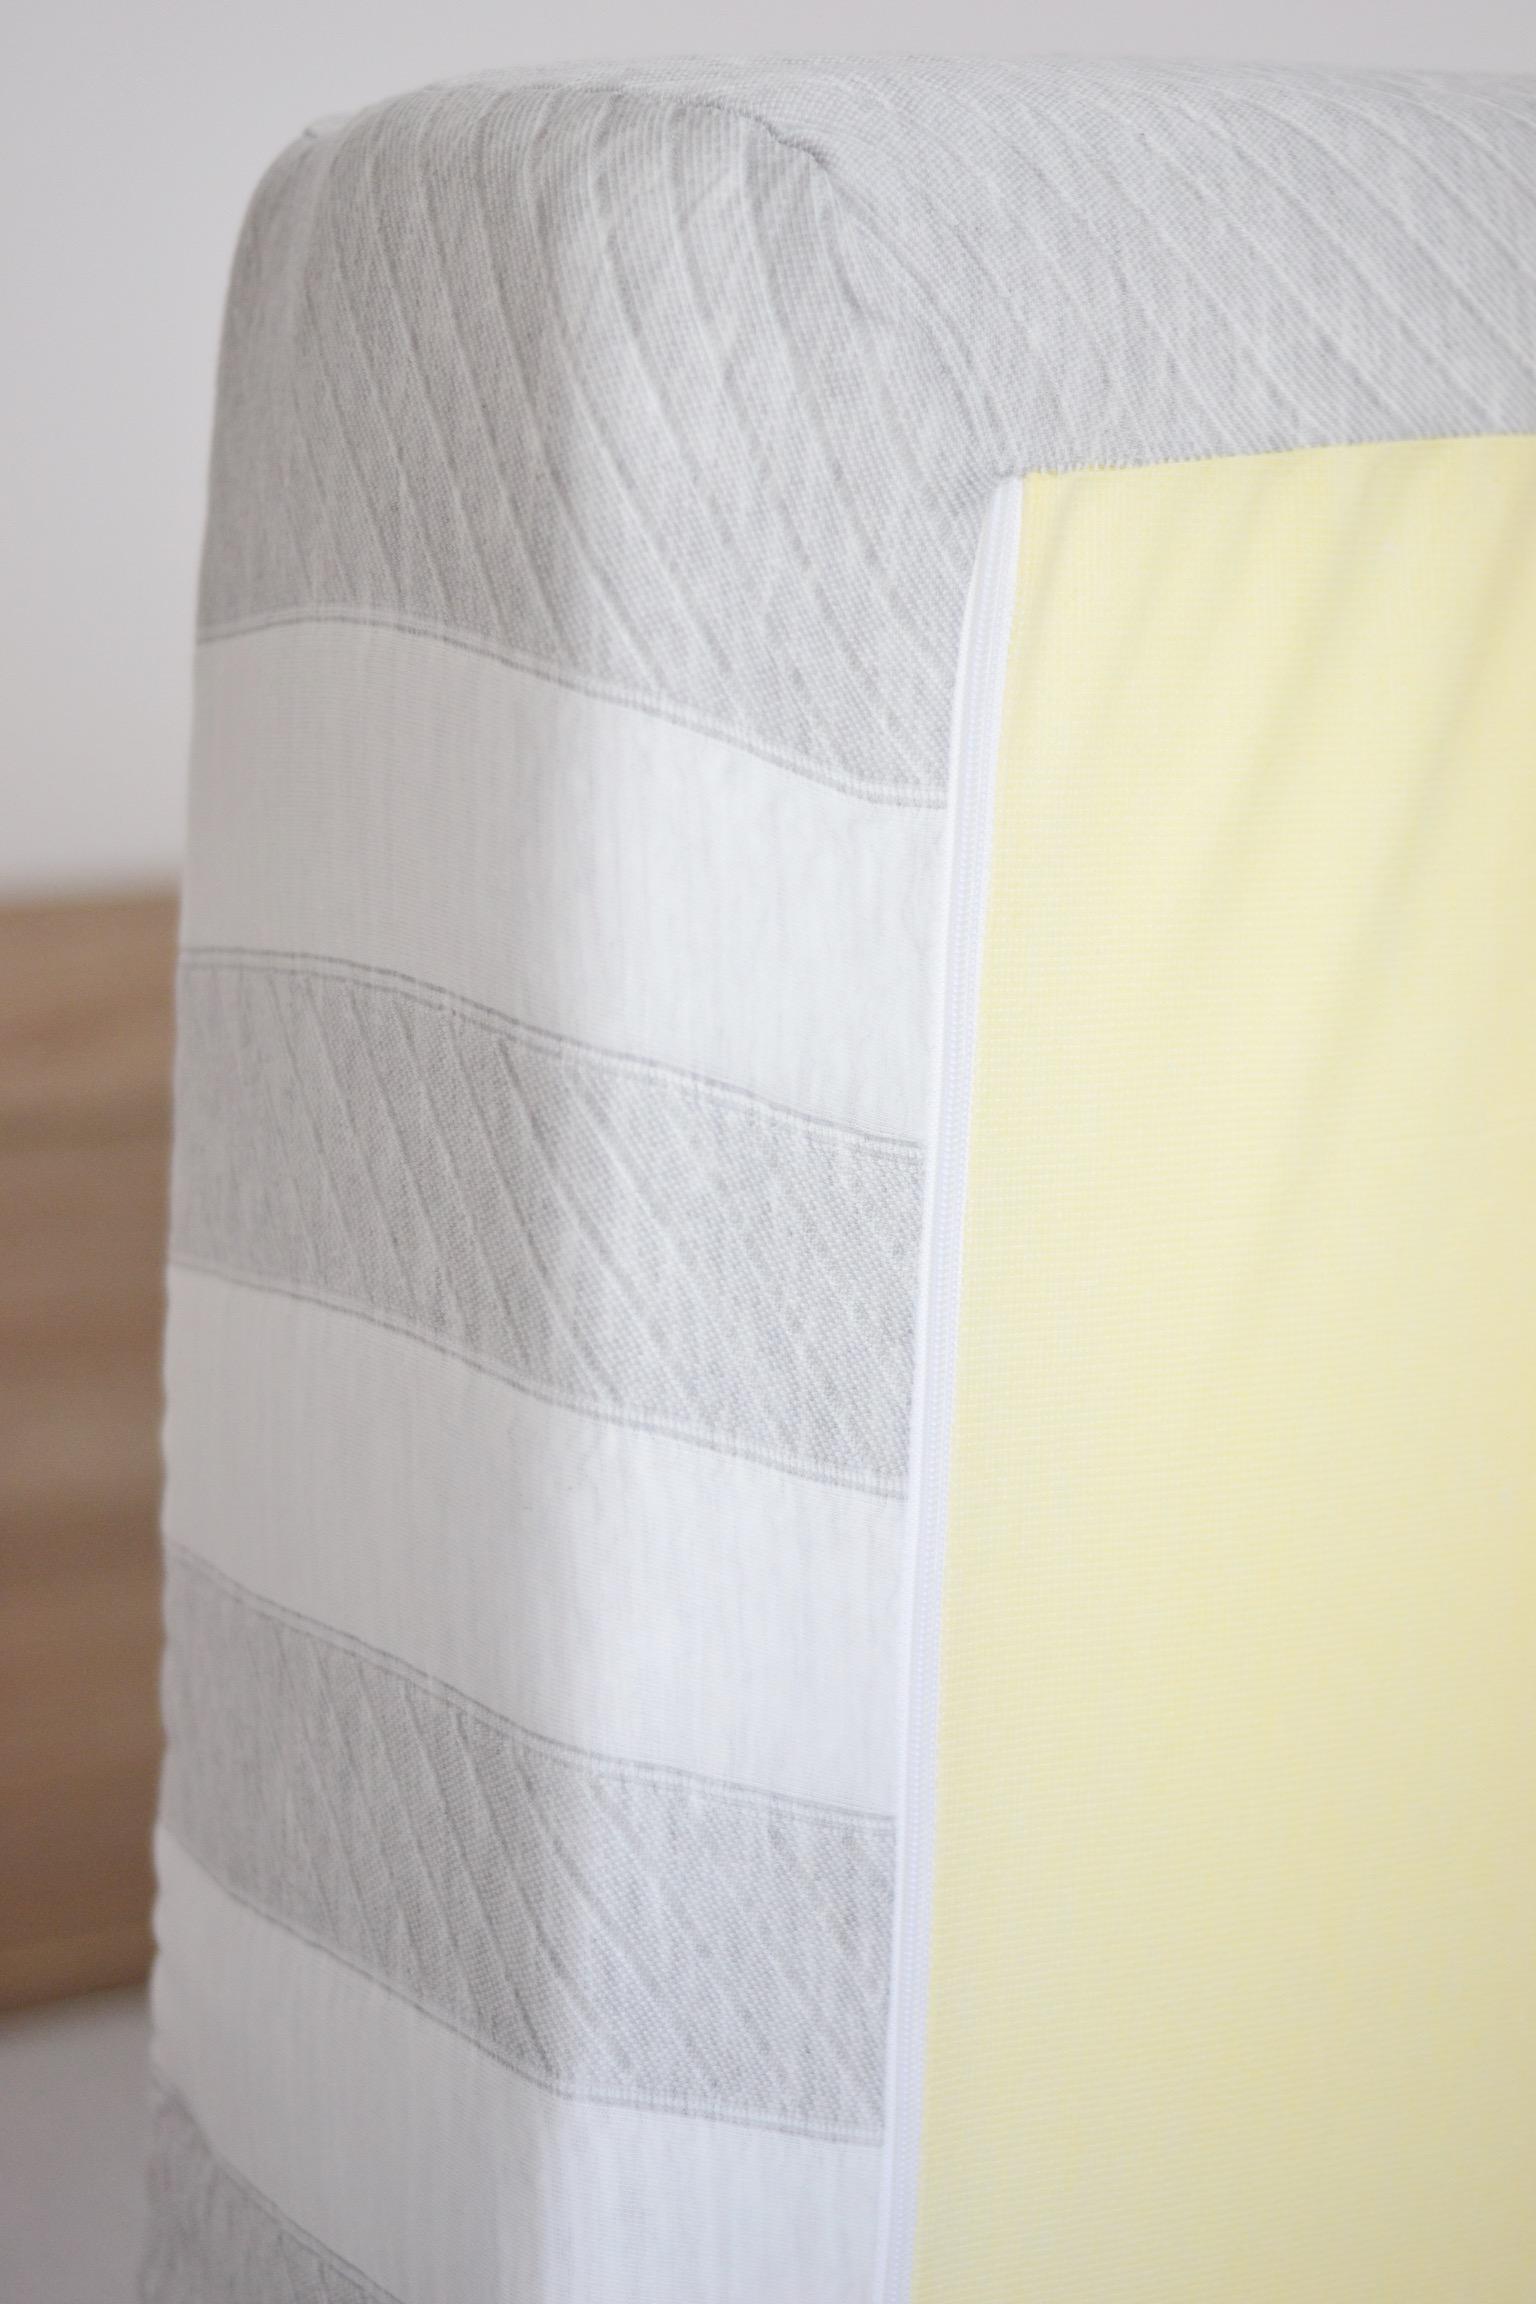 leesa-mattress-zip-detail